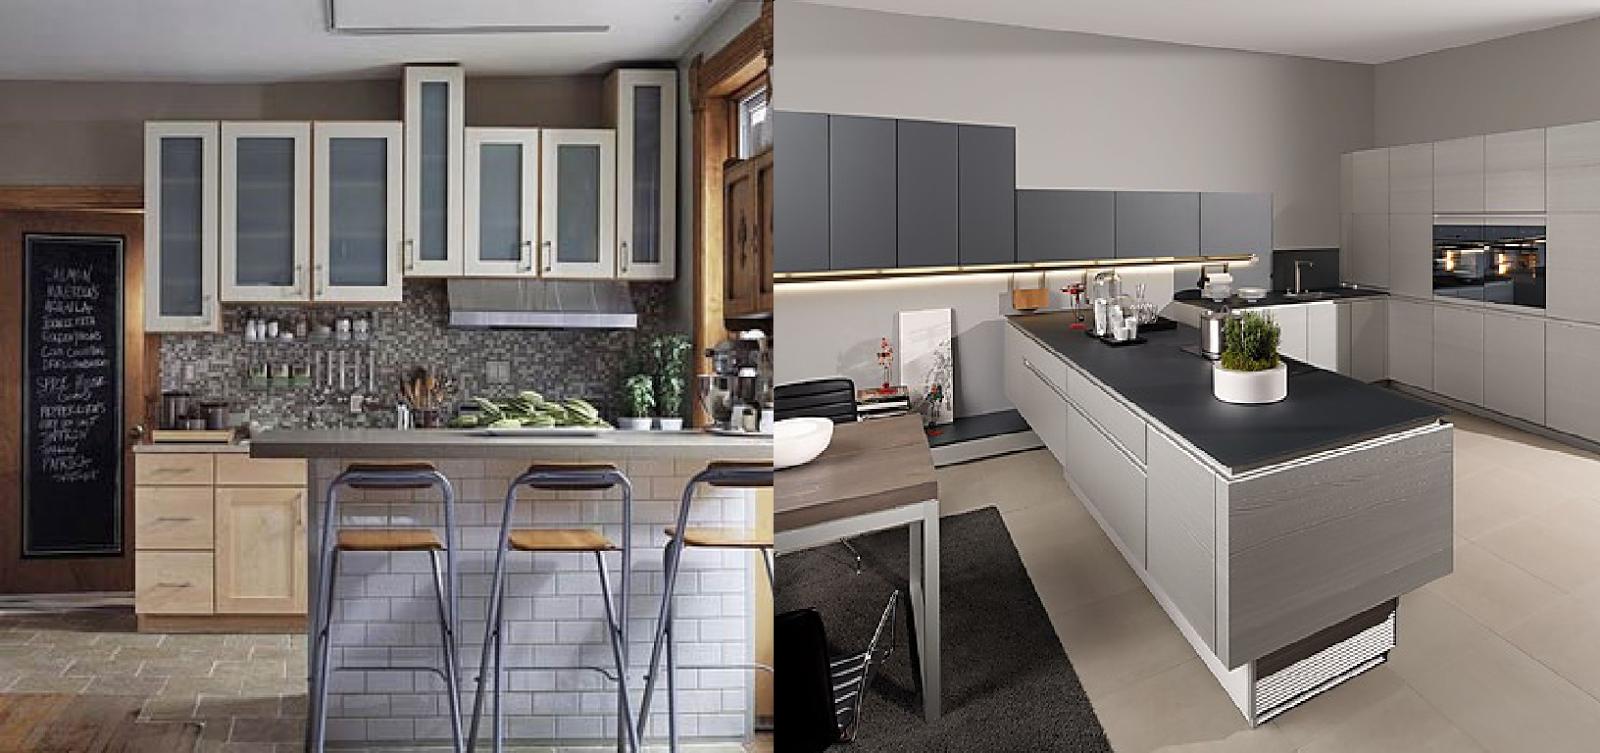 C mo elegir los colores de tu cocina casas ideas - Cocinas en valencia ...